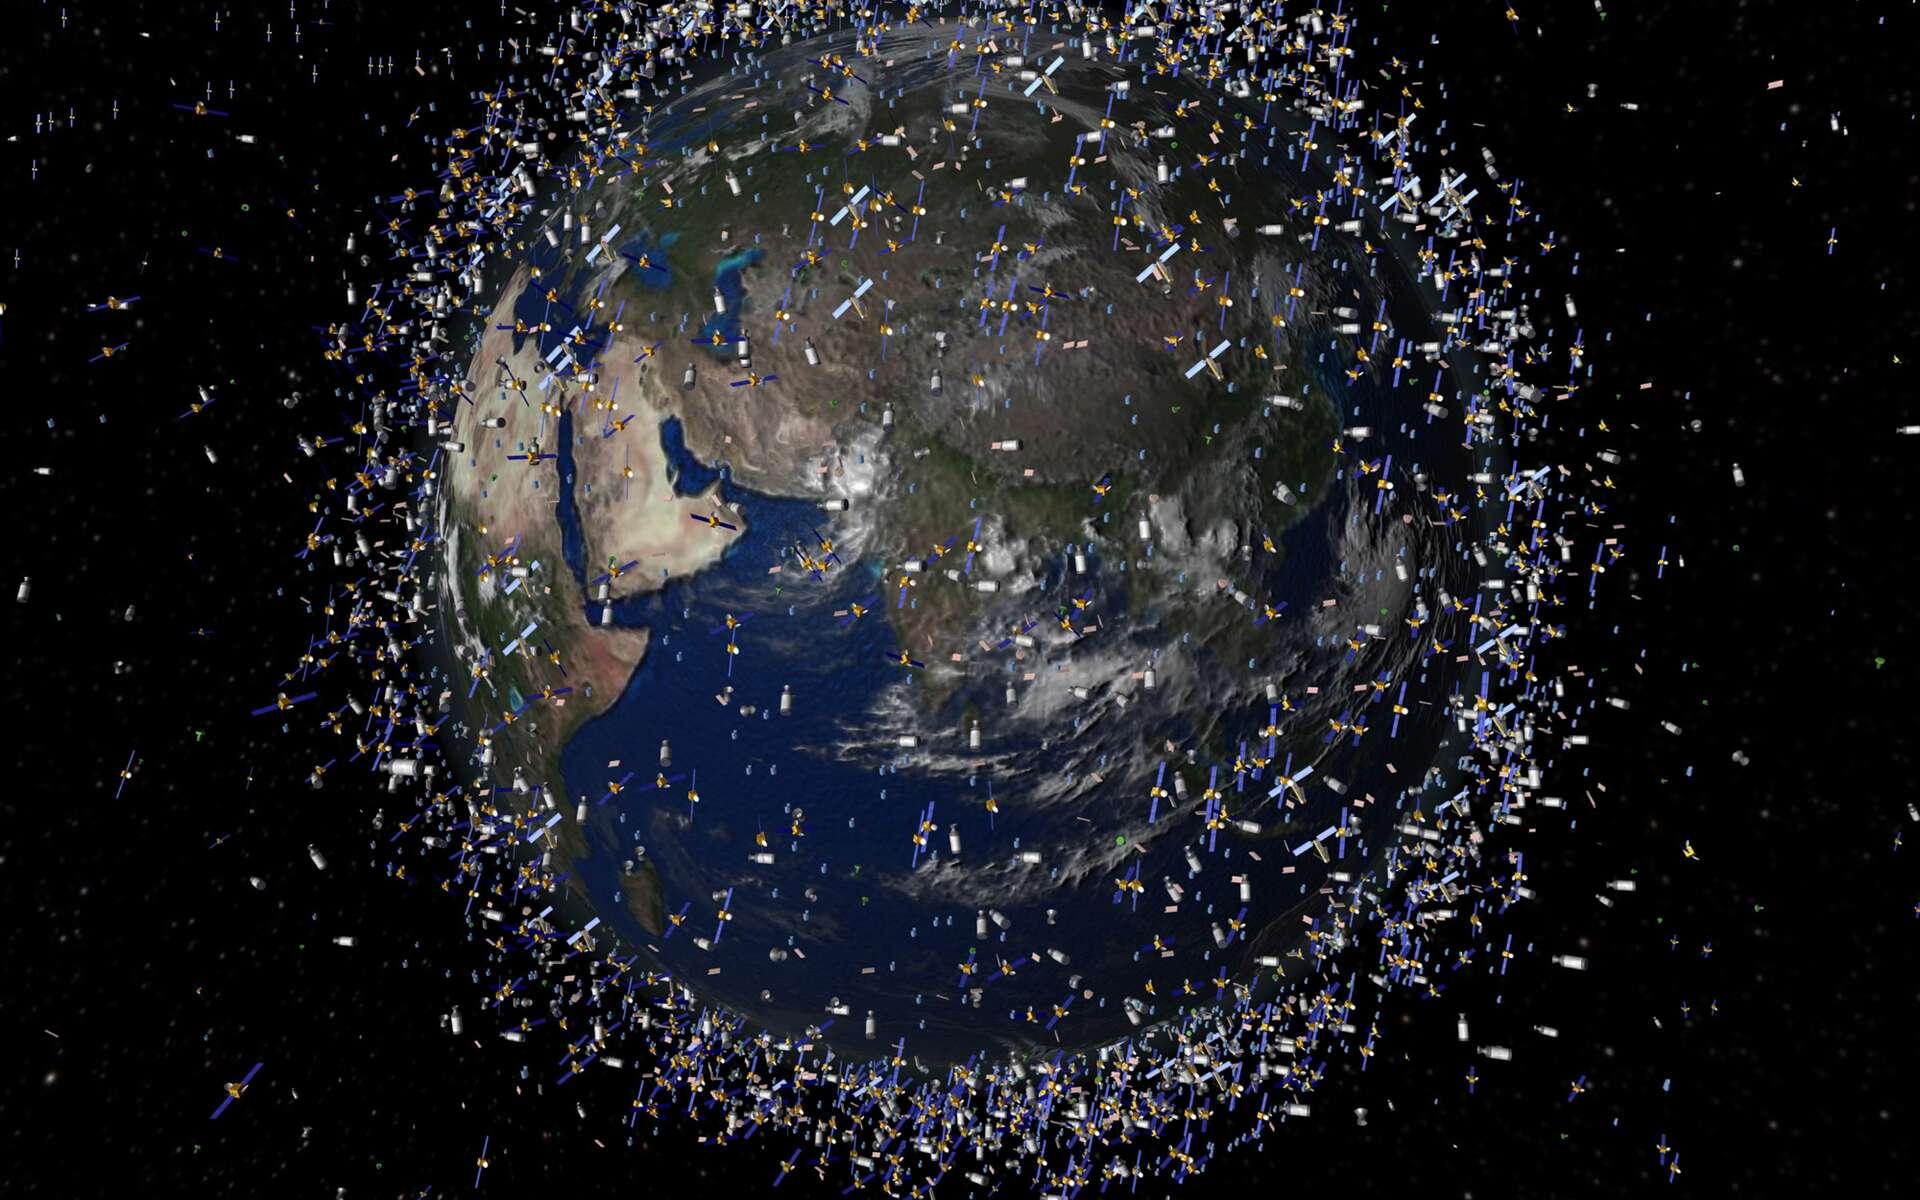 Cette illustration sur les débris spatiaux en orbite, sans mise à l'échelle, nous rappelle que les débris qui tournent autour de la Terre, notamment en orbites basses, commencent à poser de sérieux problèmes tant pour les engins spatiaux (satellites, station spatiale, véhicules spatiaux) que pour les astronautes. © Esa, 2009